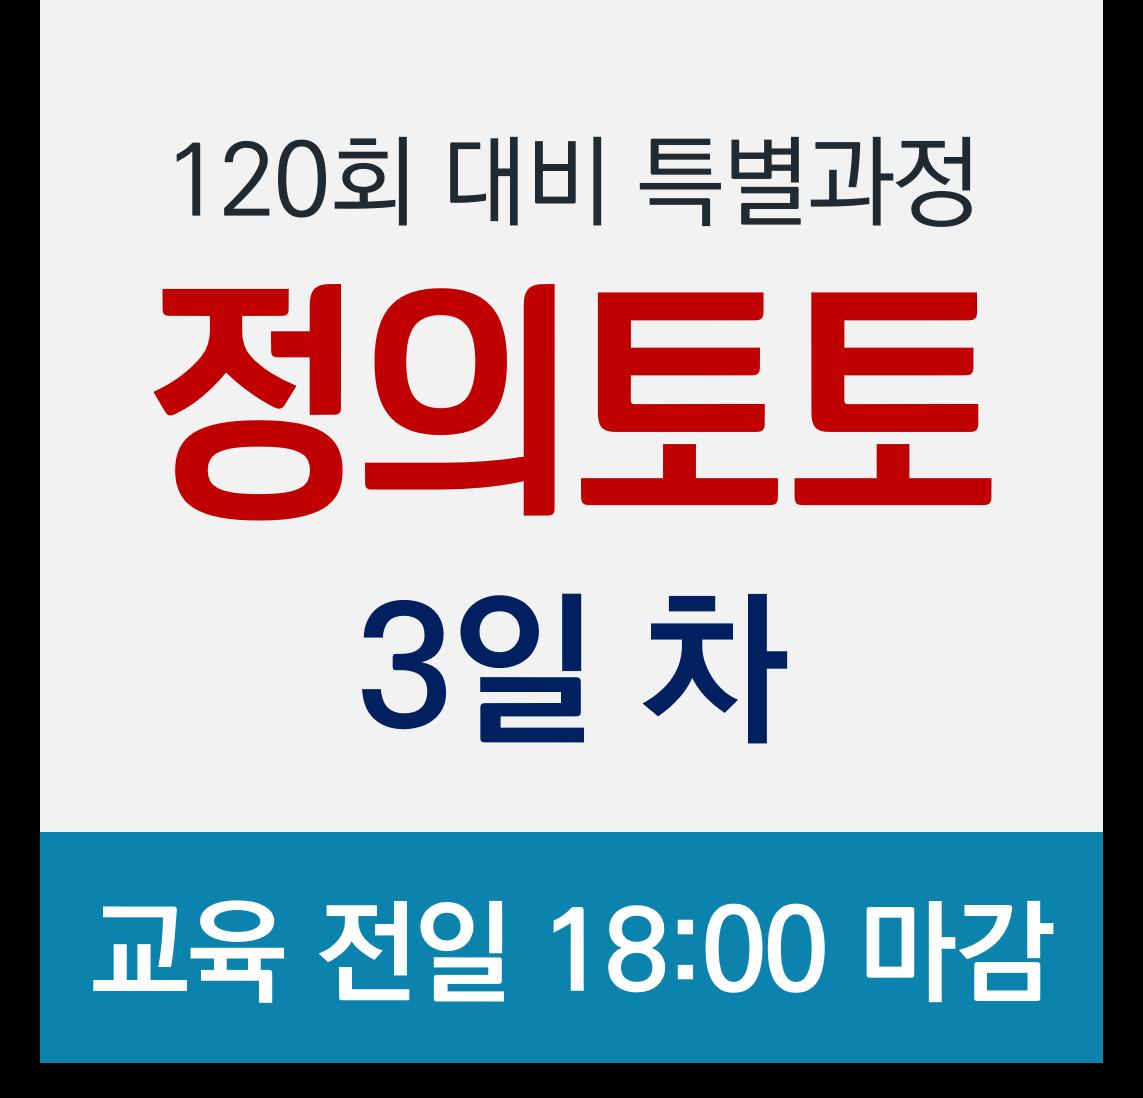 [정의토토] 120회 정보처리기술사 특별과정 2020.01.17(금) / 3일 차